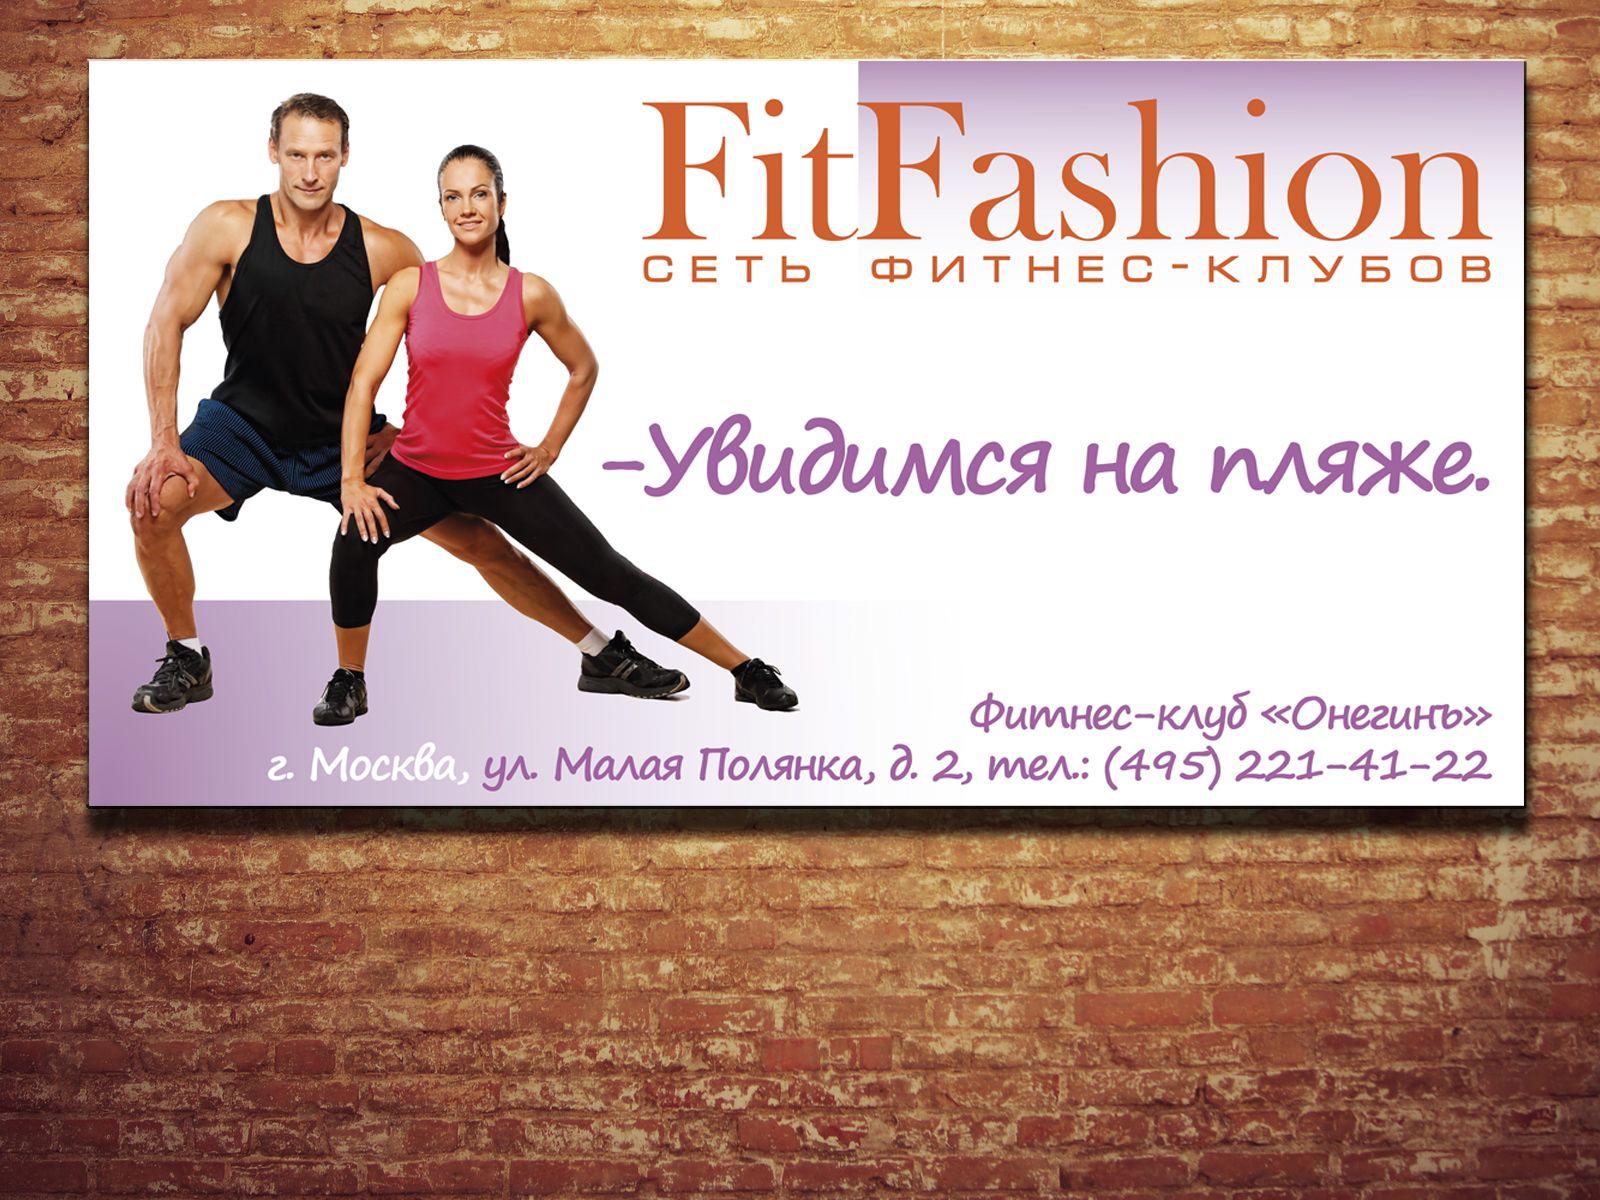 Дизайн наружной рекламы фитнес-клуба - дизайнер FilinkovV